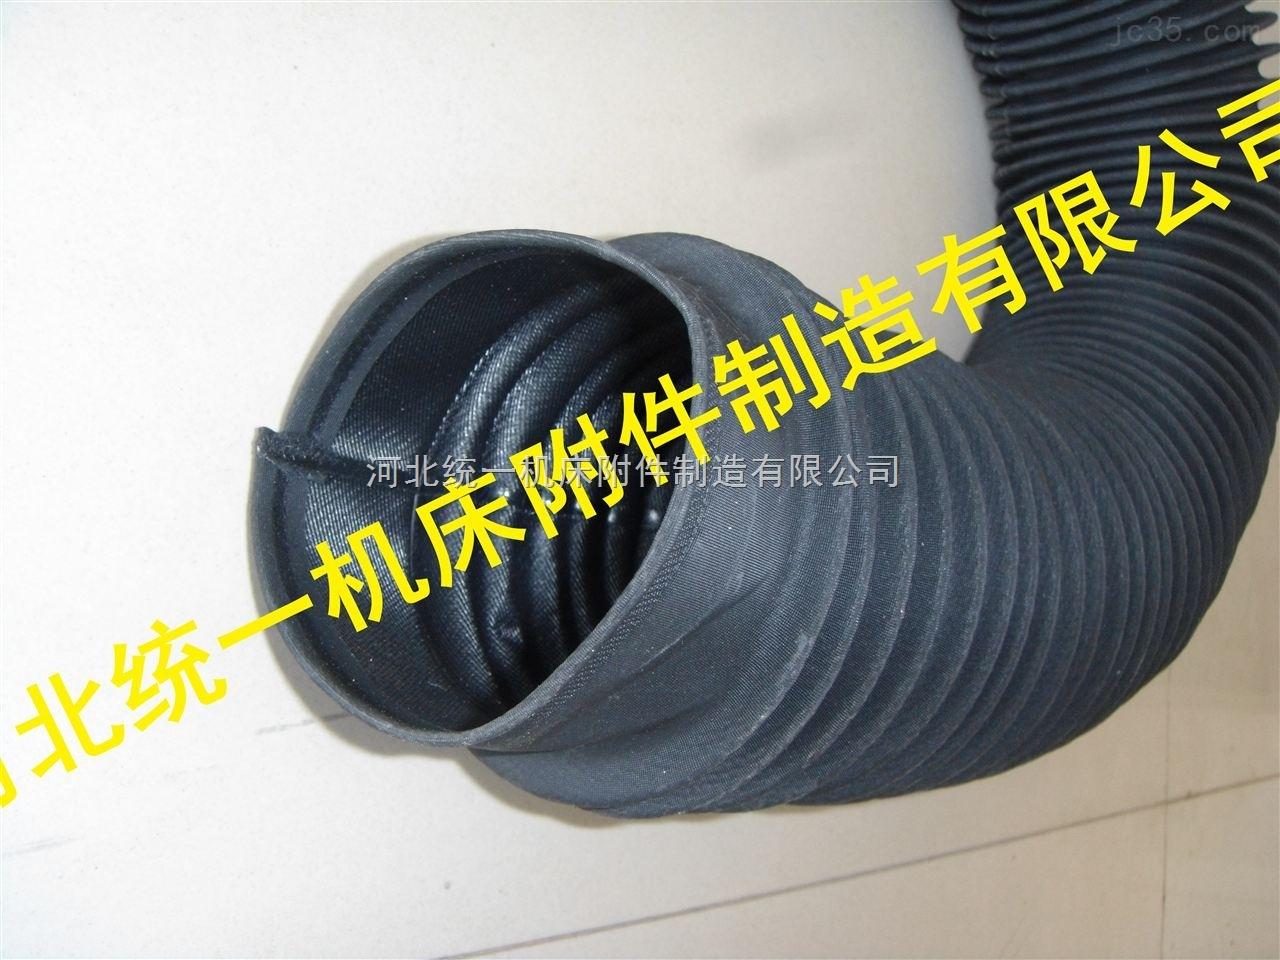 耐磨密封活塞杆保护套技术参数与产品特点